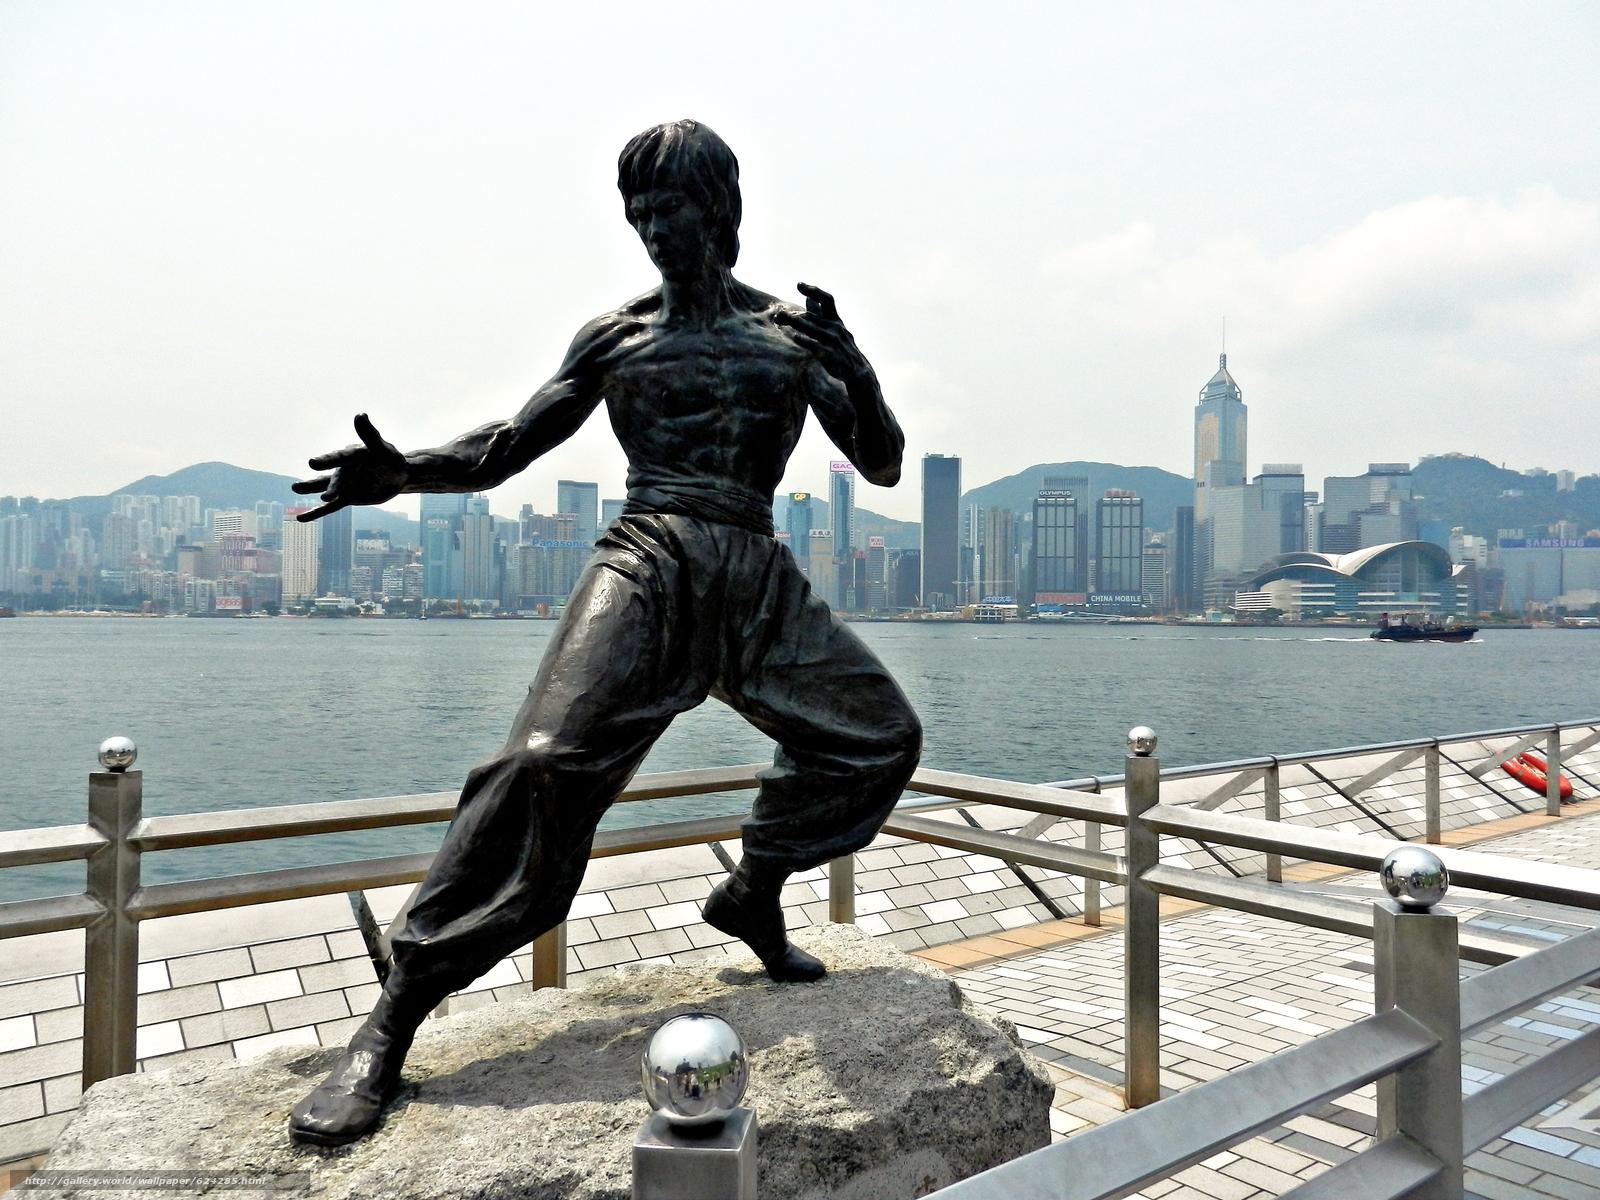 Скачать на телефон обои фото картинку на тему Bruce Lee, Hong Kong, China, разширение 4000x3000